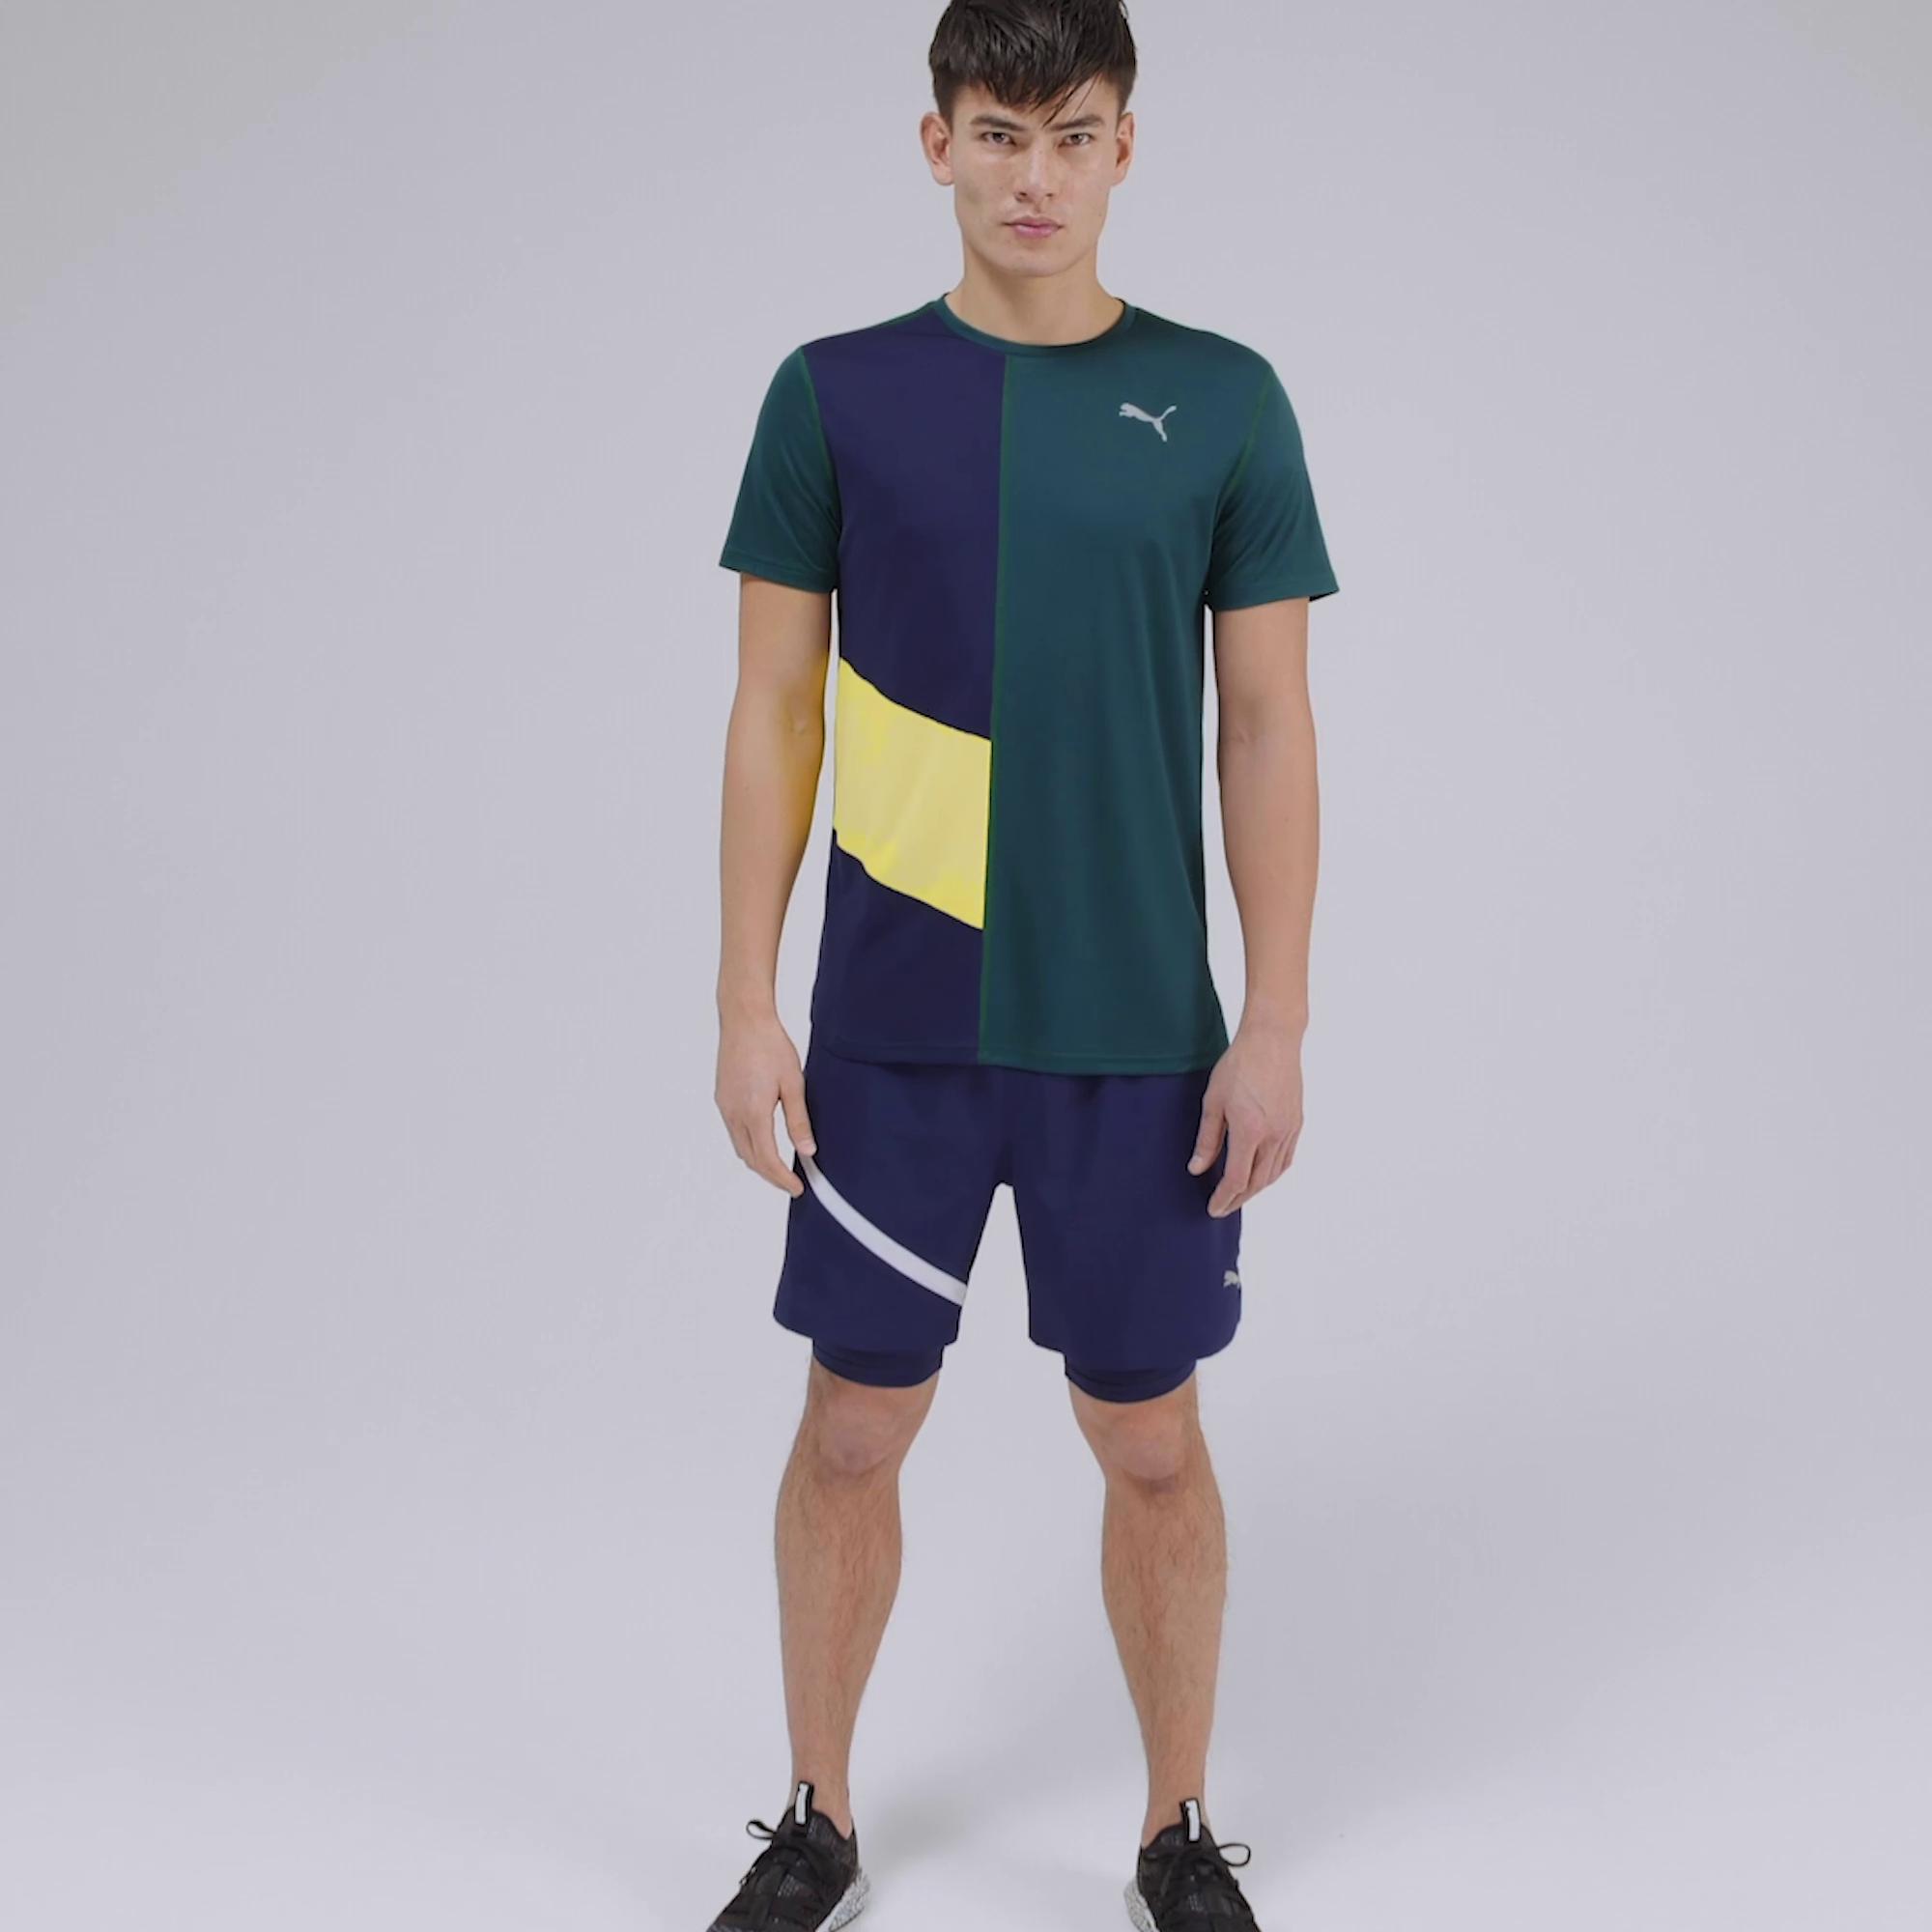 Imagen PUMA Shorts de running de malla tejida 2 en 1 Ignite para hombre #7